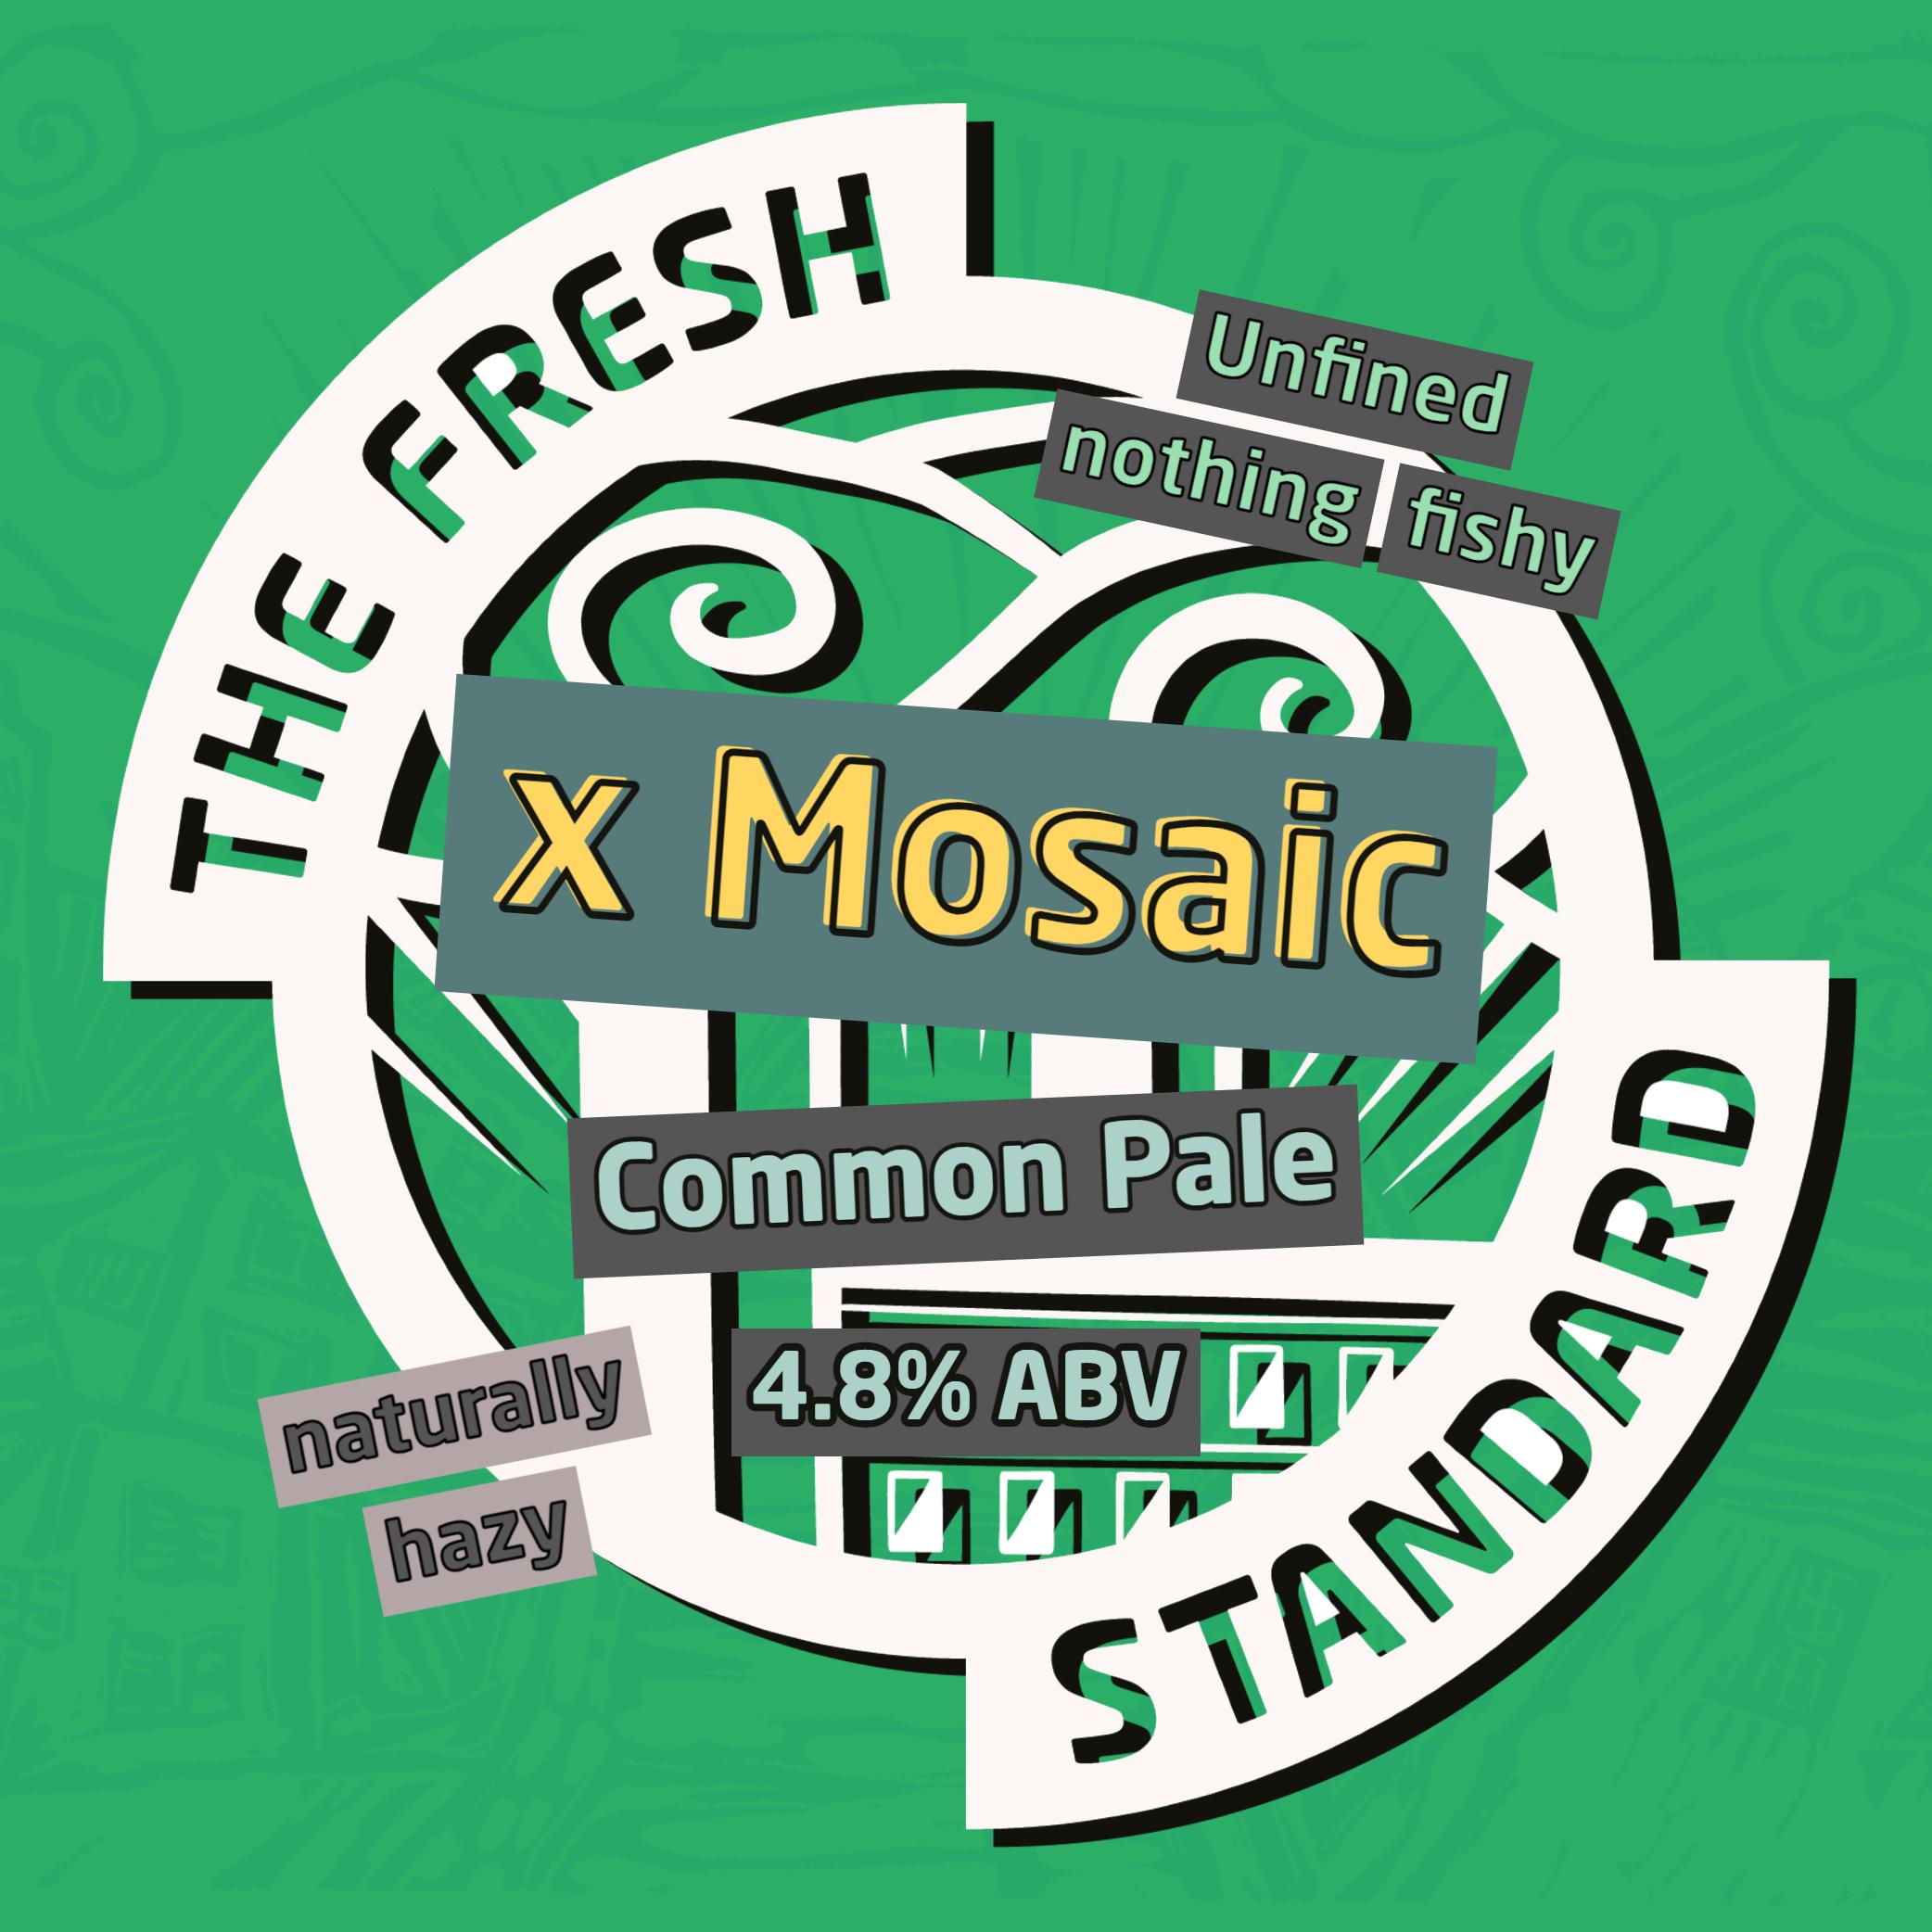 x_mosaic Pump.jpg (1)